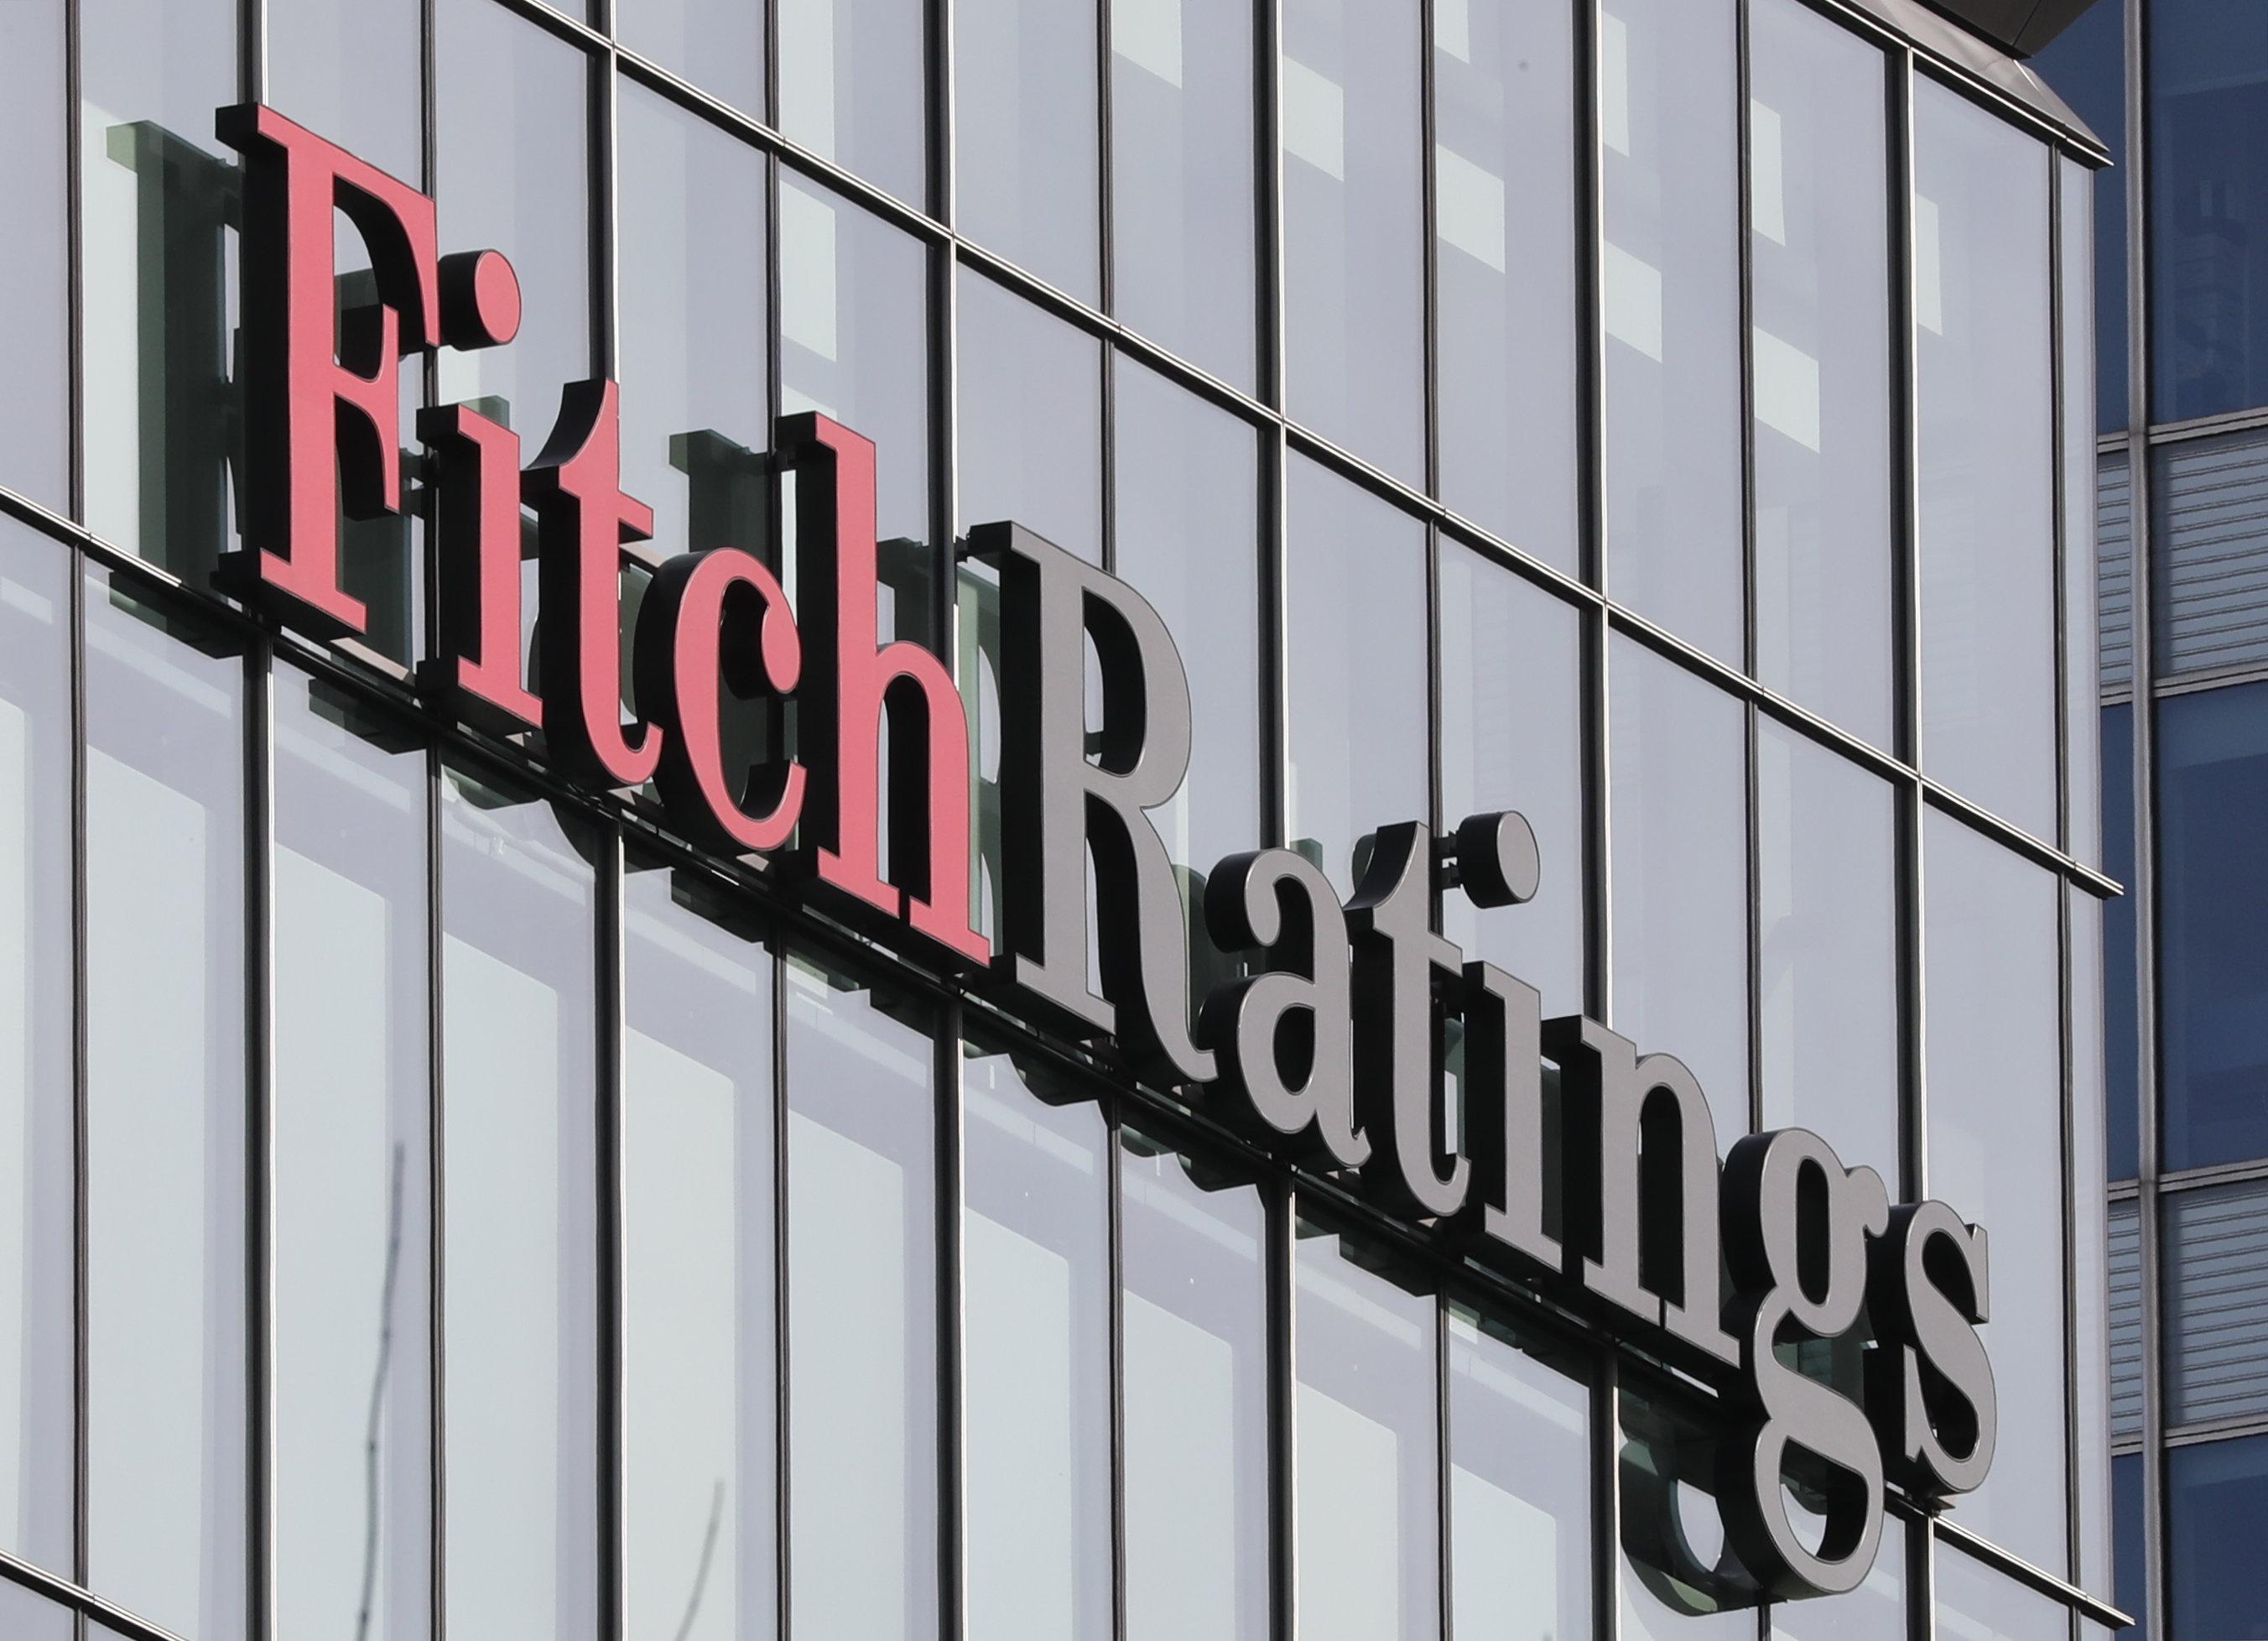 Agencija Fitch odluku o hrvatskom rejtingu objavljuje 29. srpnja